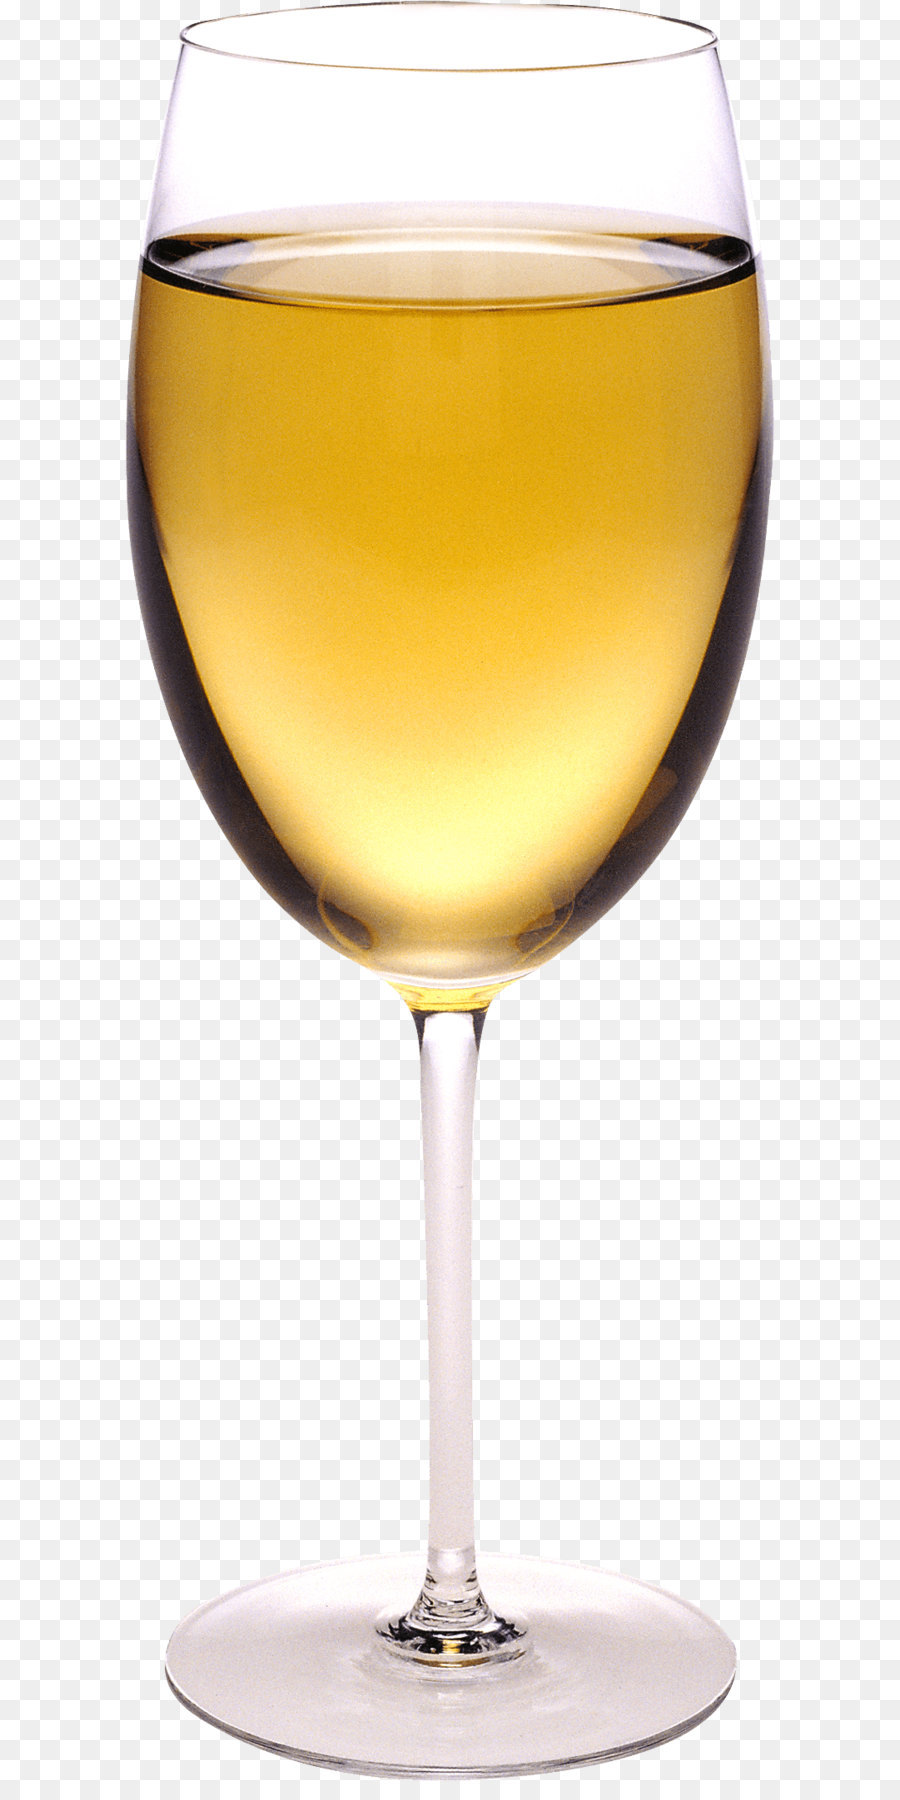 Descarga gratuita de Vino Tinto, Vino, Martini imágenes PNG